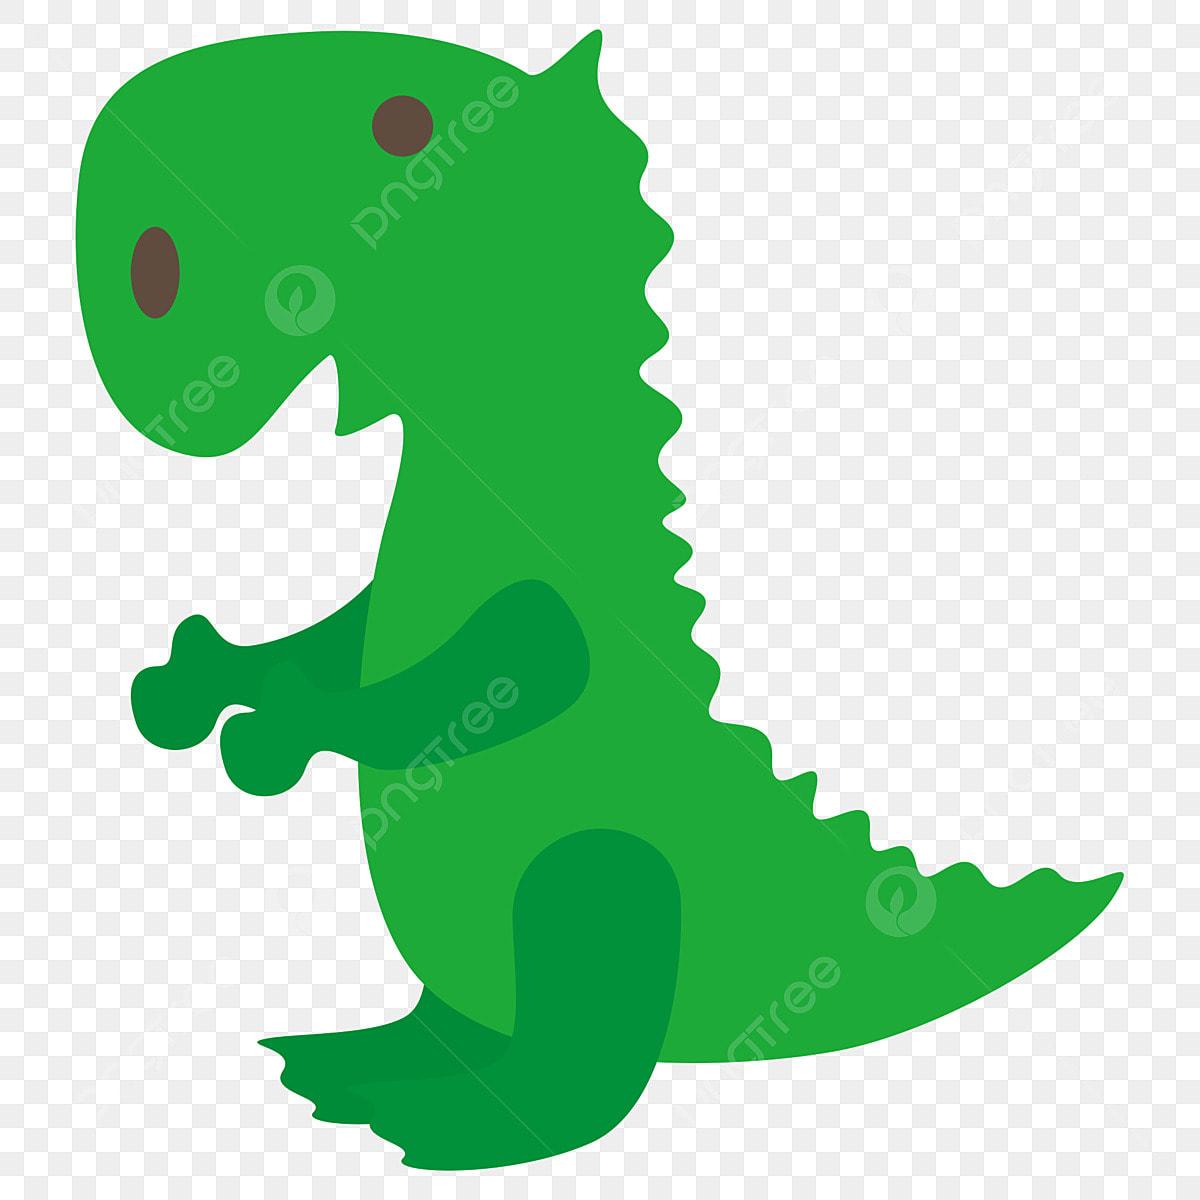 Avatar Y Bebe Dinosaurios Imagenes Predisenadas De Dinosaurio Vector De Bebe Clipart De Bebe Png Y Vector Para Descargar Gratis Pngtree Aventura en la tierra de los dinosaurios. https es pngtree com freepng avatar and baby dinosaurs 2108972 html